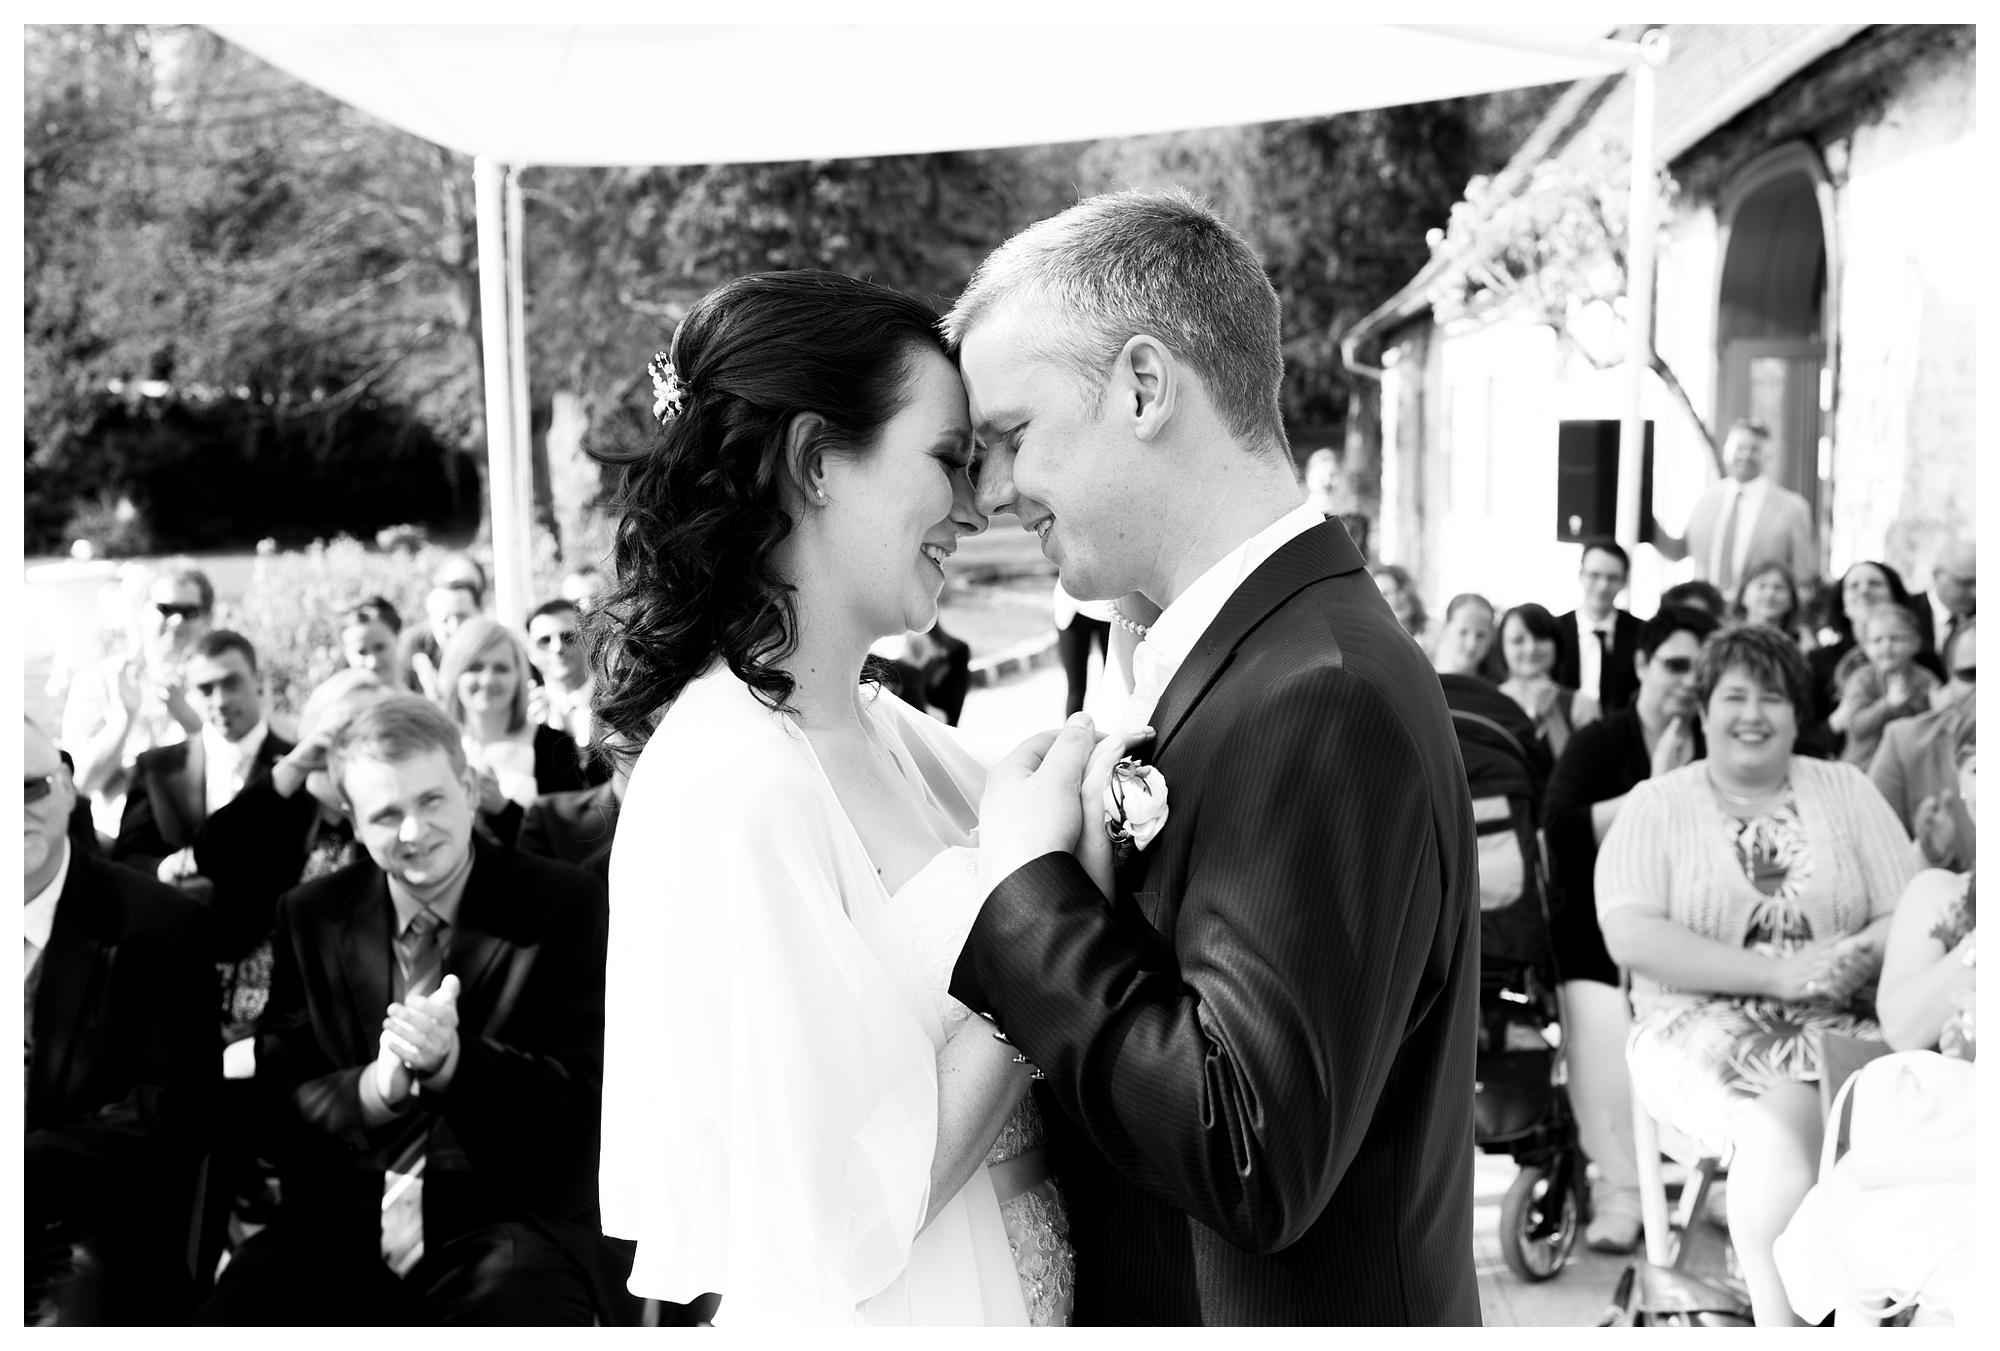 Fotograf Konstanz - Best of 2014 Elmar Feuerbacher Photography Hochzeit Portrait 019 - Rückblick auf 2014  - 21 -